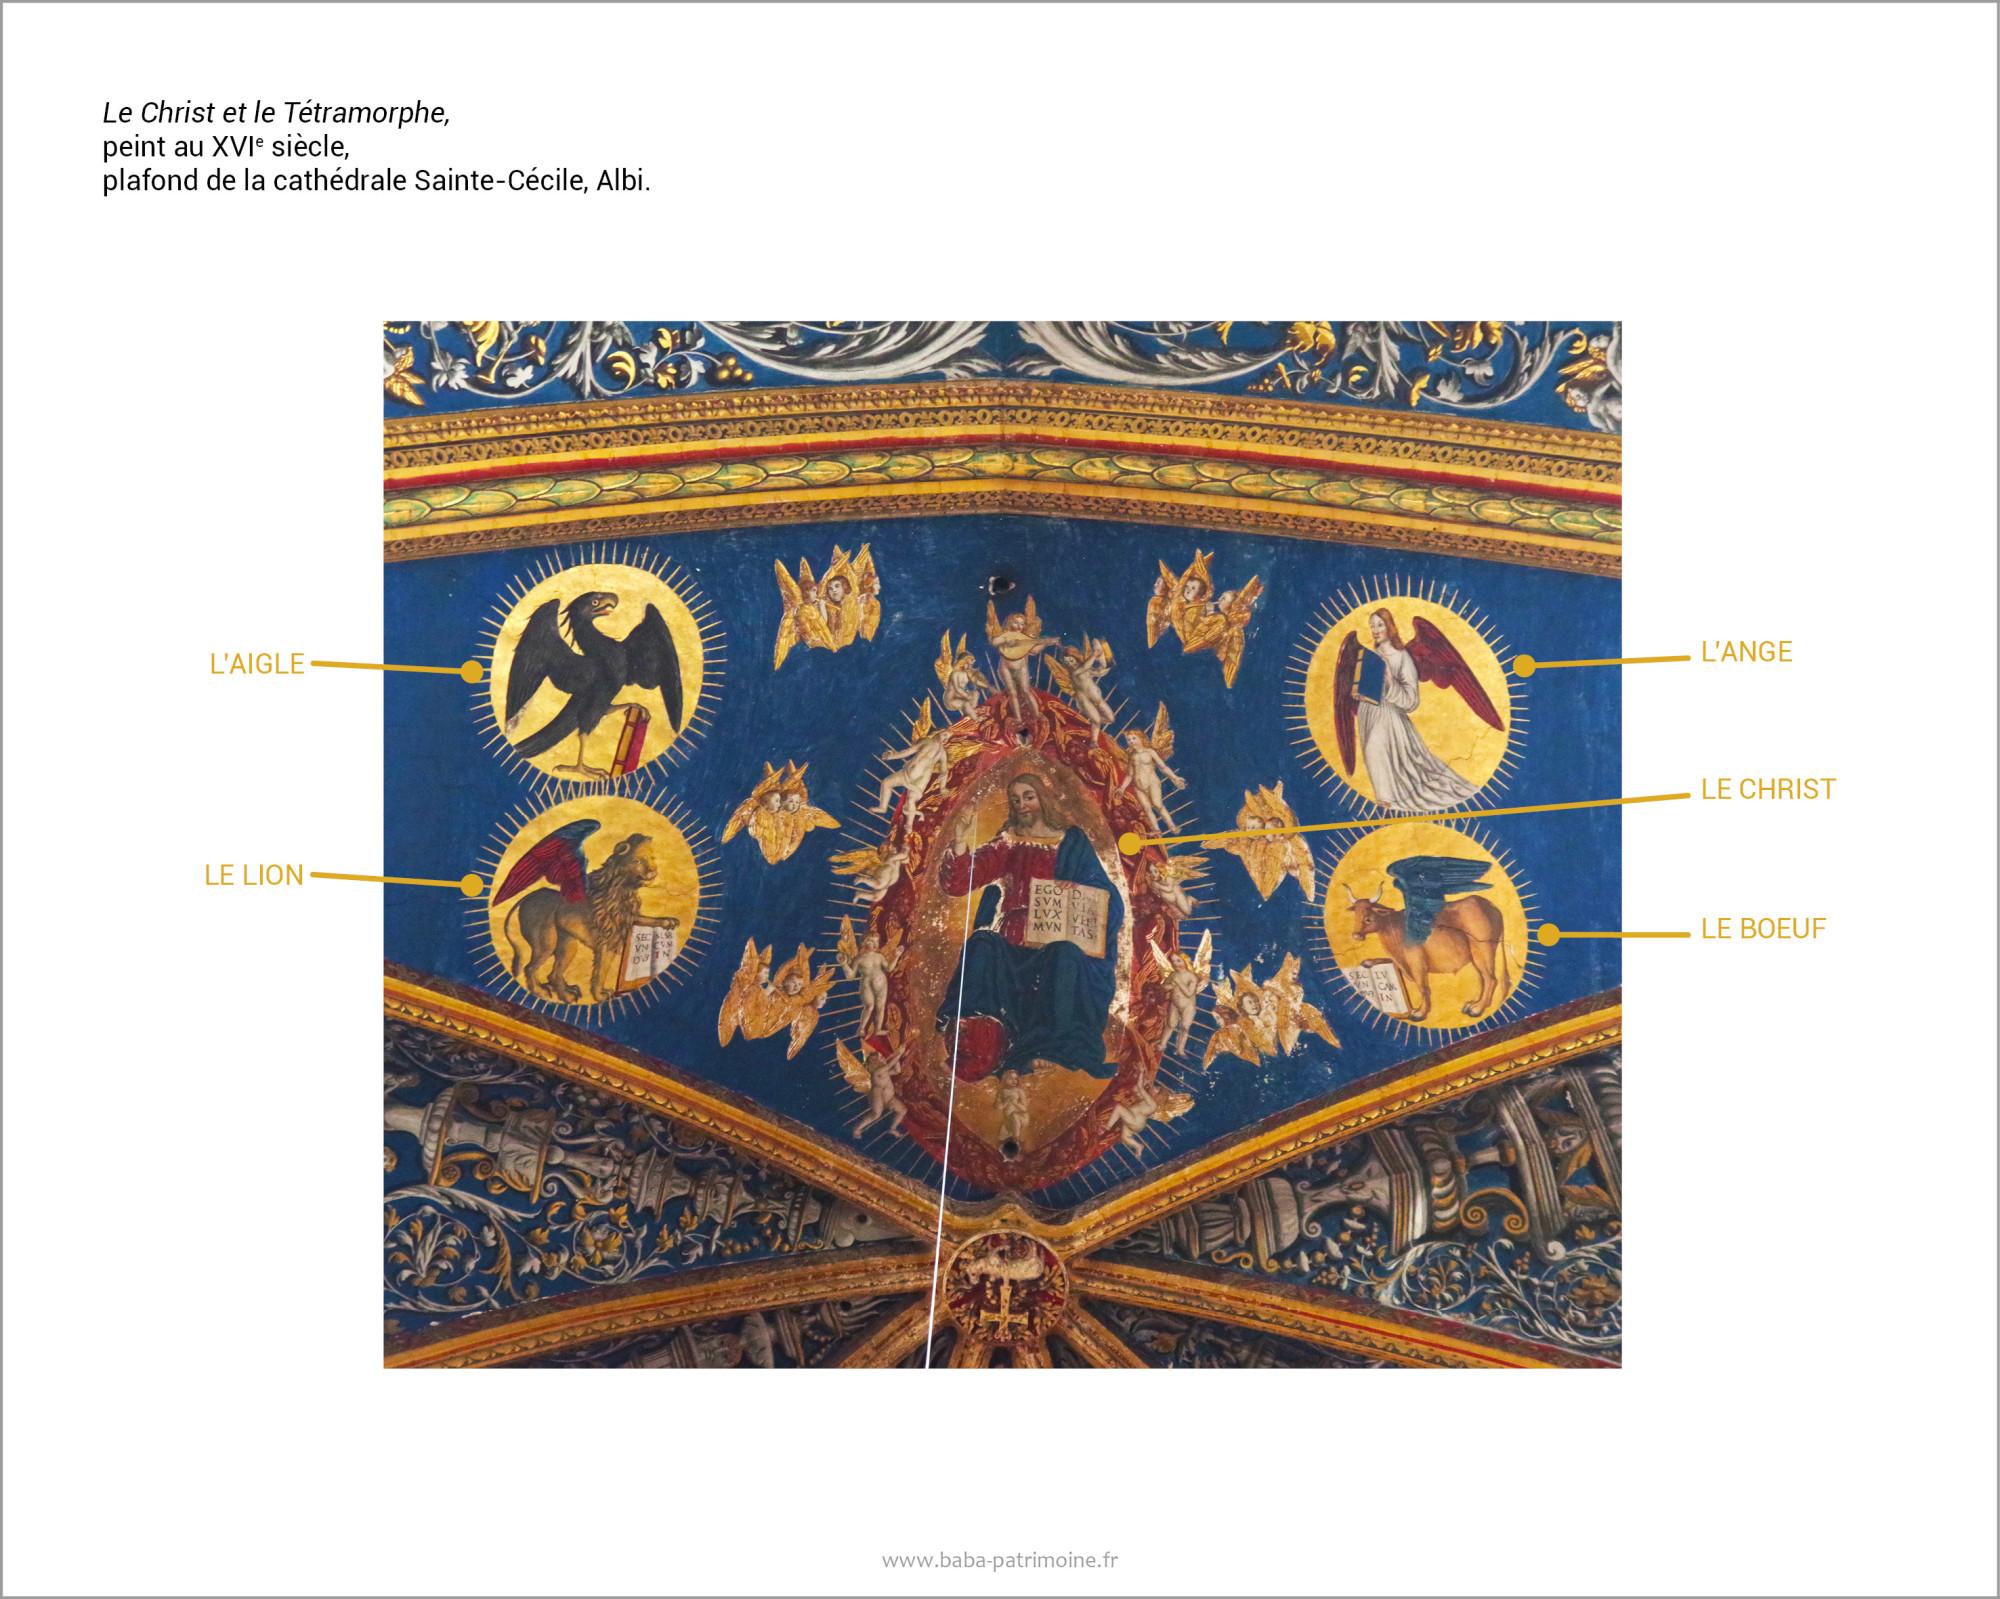 Le Tétramorphe autour du Christ, dans les peintures de la voûte de la cathédrale Saint Cécile d'Albi.